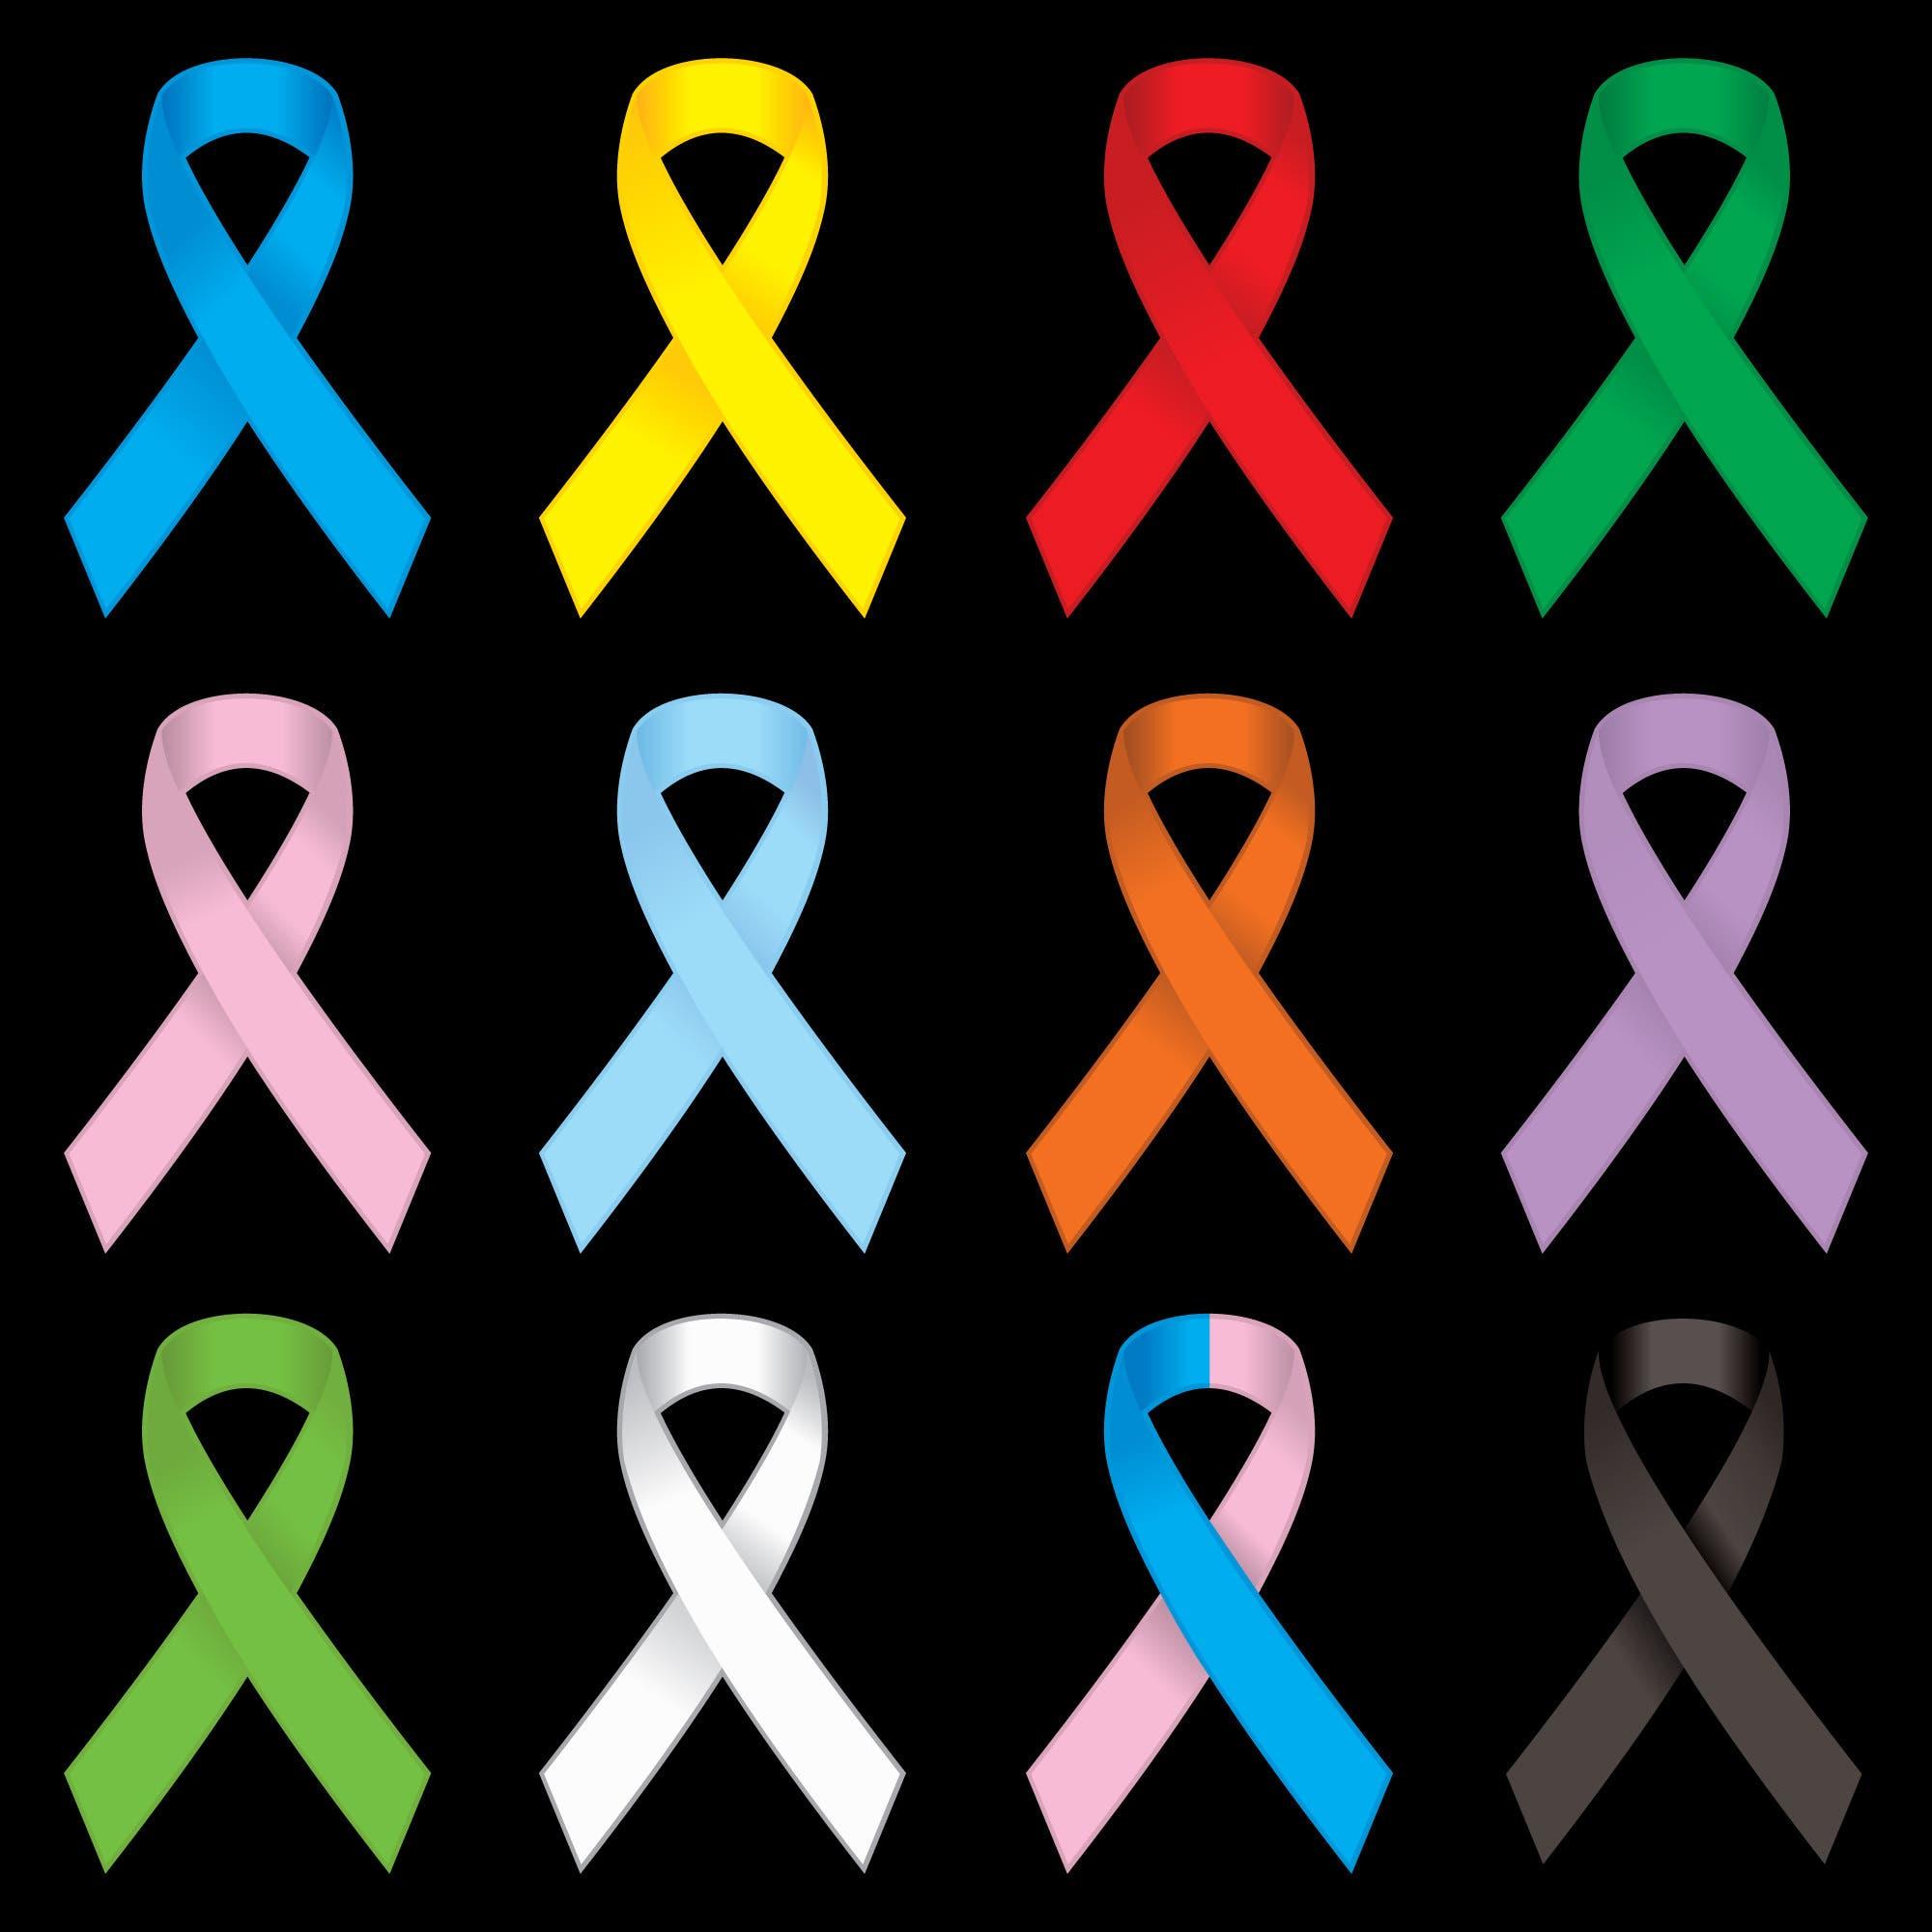 أنواع السرطان المختلفة (istock)